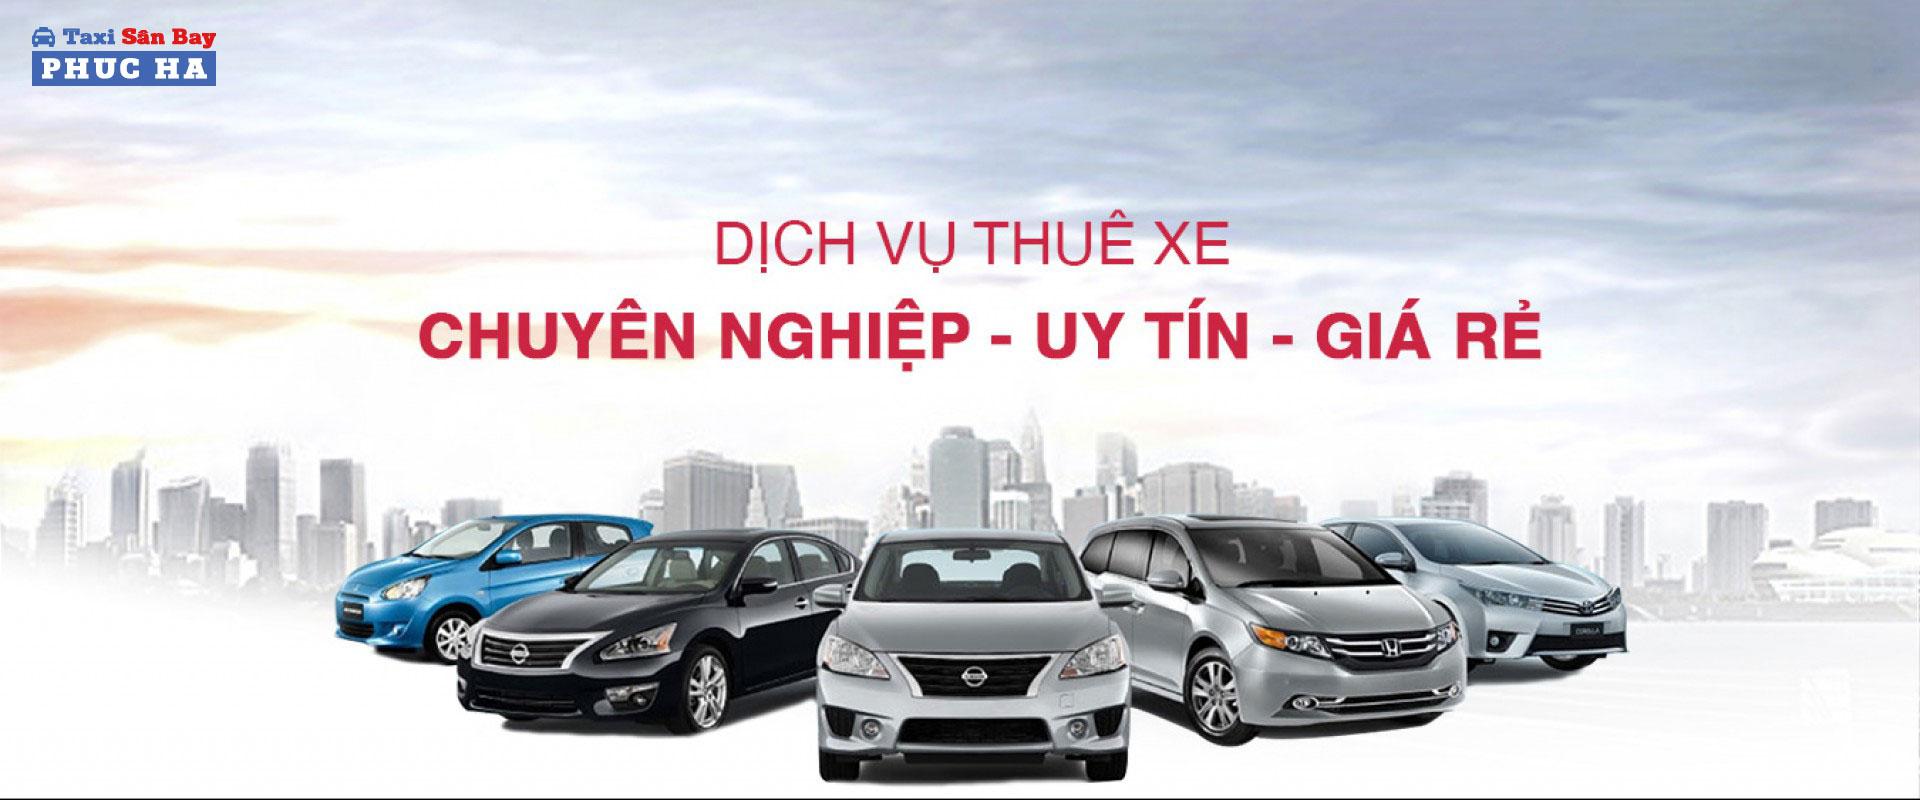 Top 7 Số Điện Thoại Taxi Giá Rẻ Biên Hòa Uy Tín Nhất